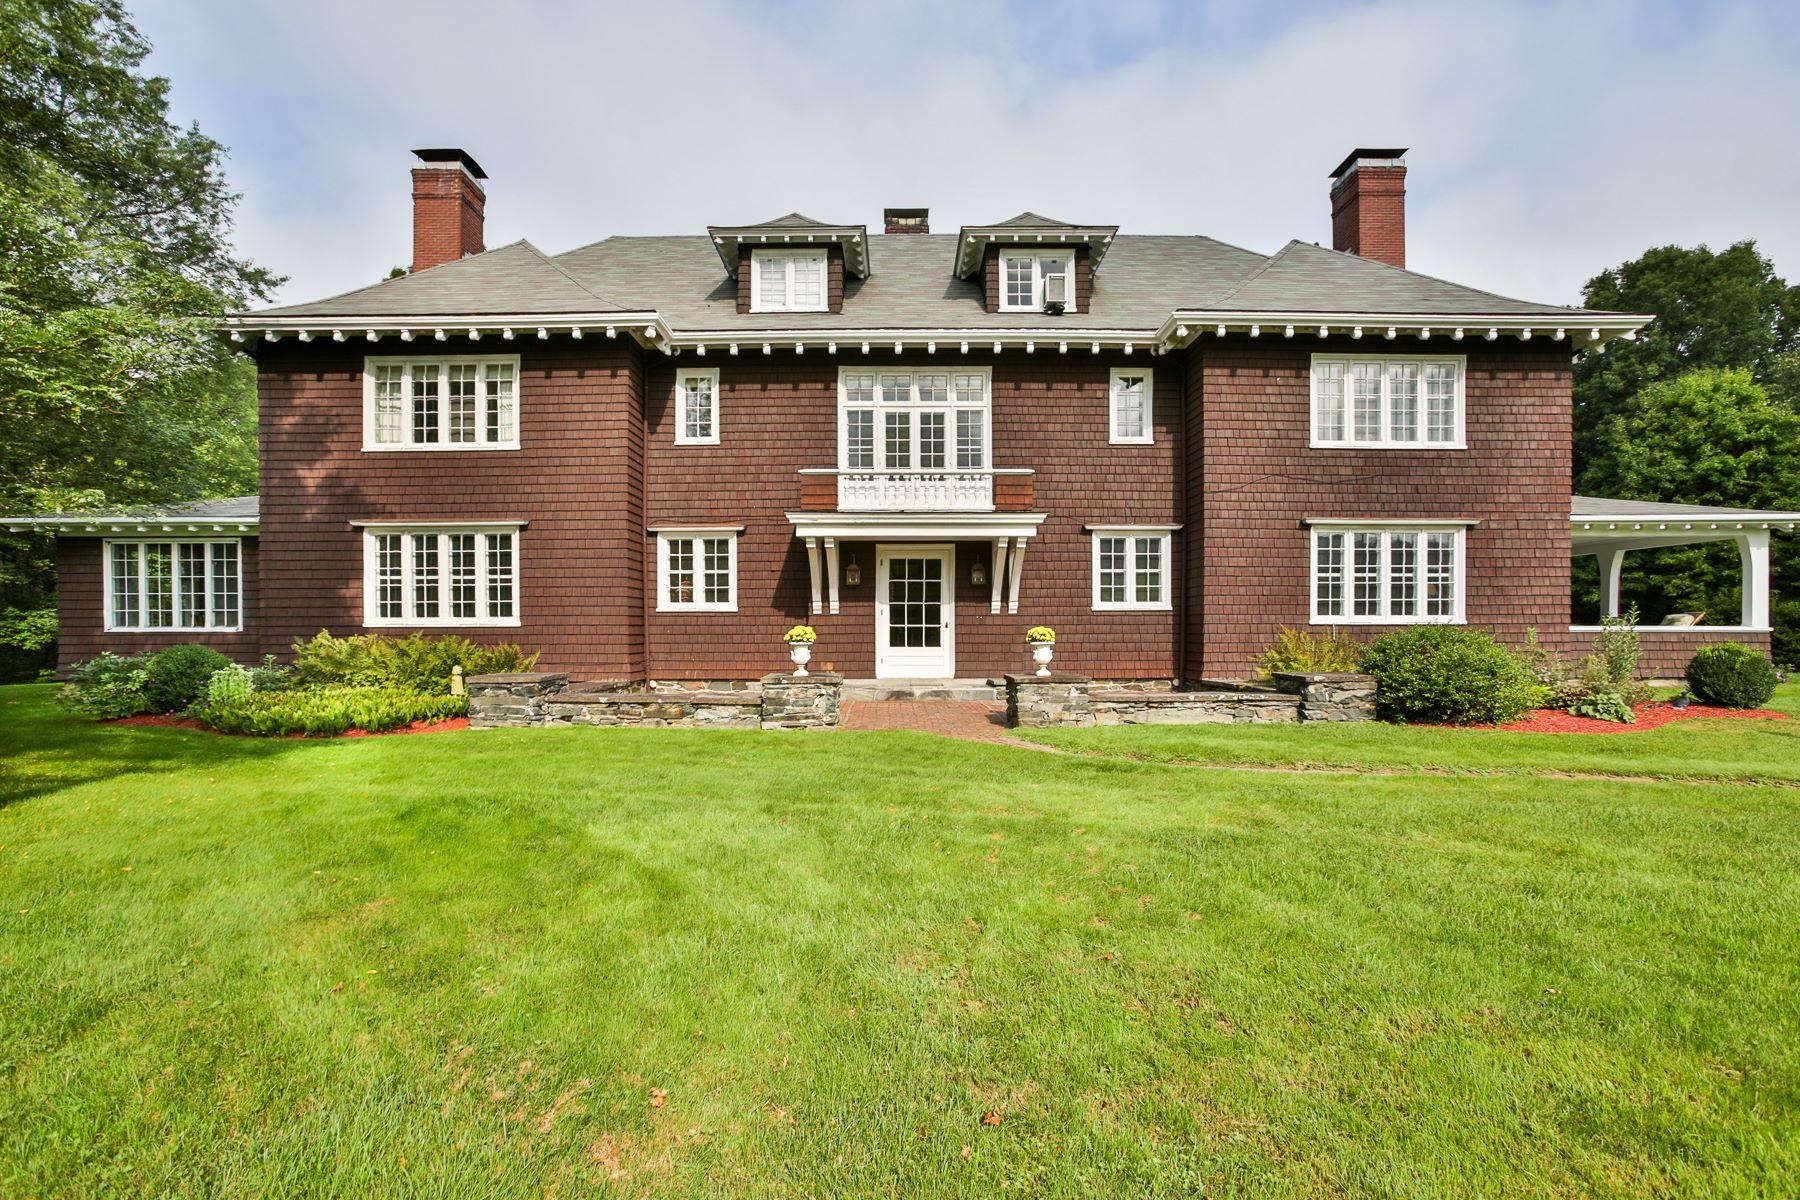 独户住宅 为 销售 在 Elegant Victorian home in Cornish Art Colony 231 Platt Rd 康沃尔, 新罕布什尔州, 03745 美国